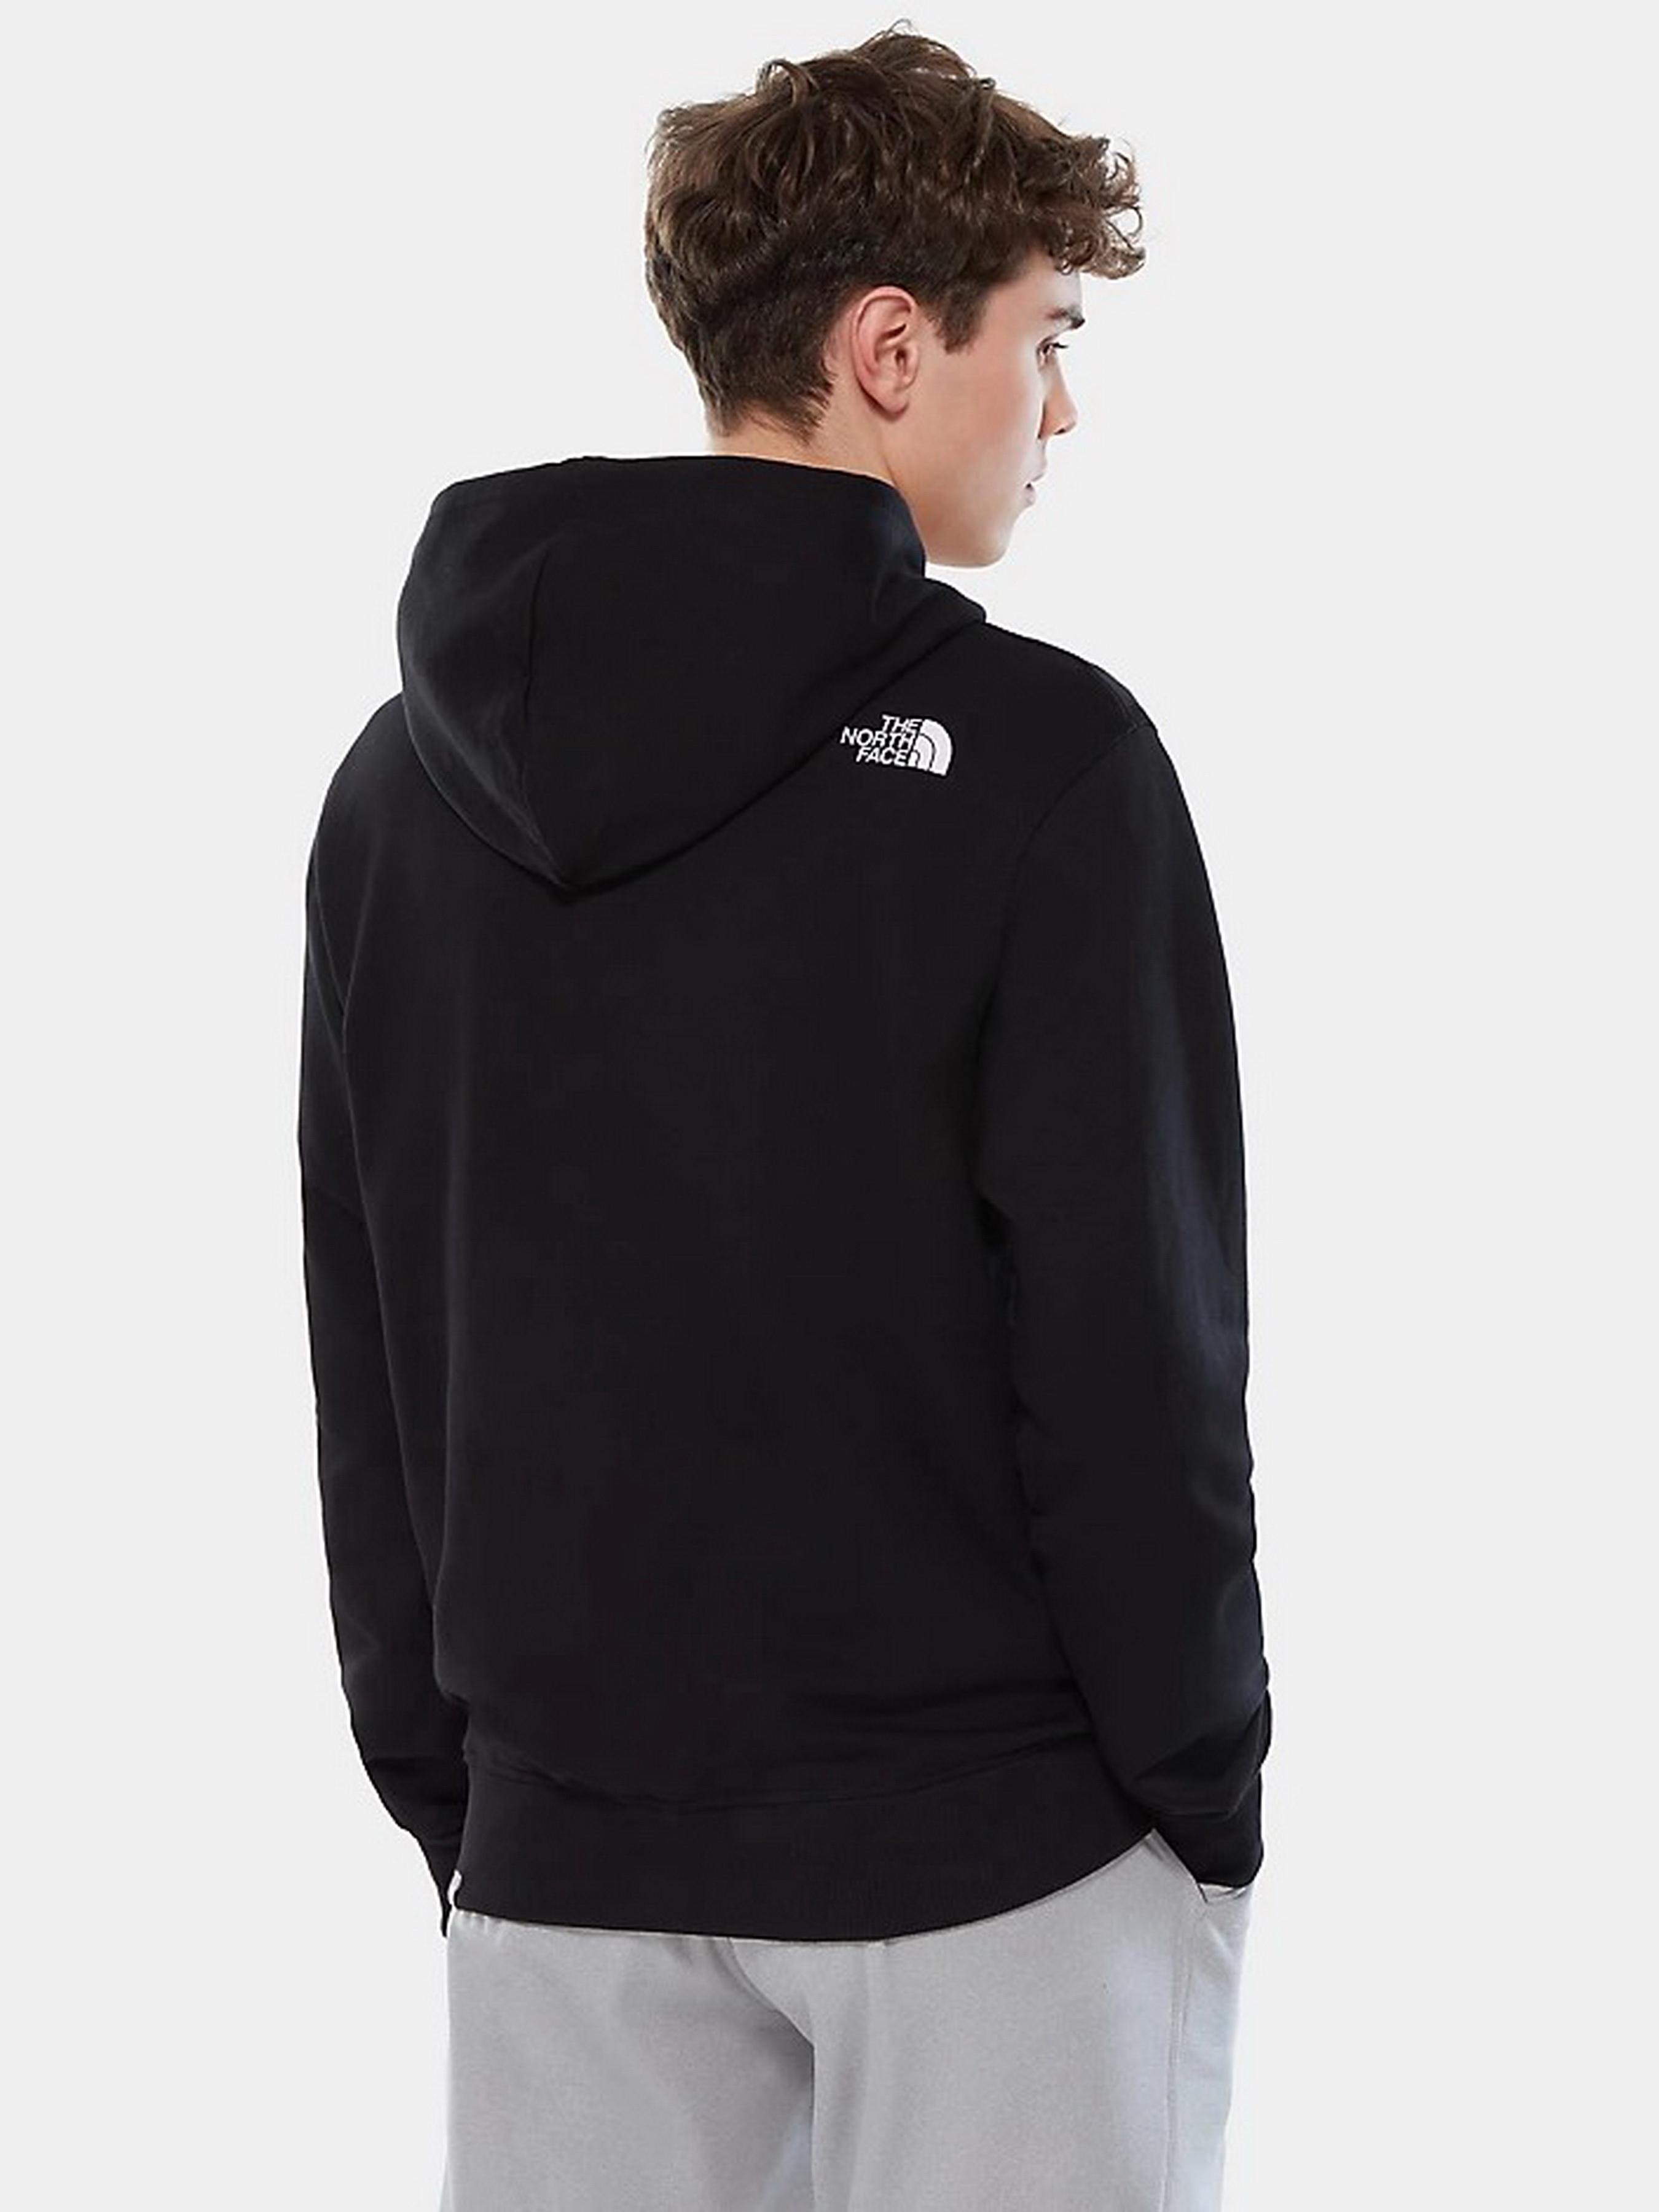 Кофты и свитера мужские The North Face модель N21309 купить, 2017